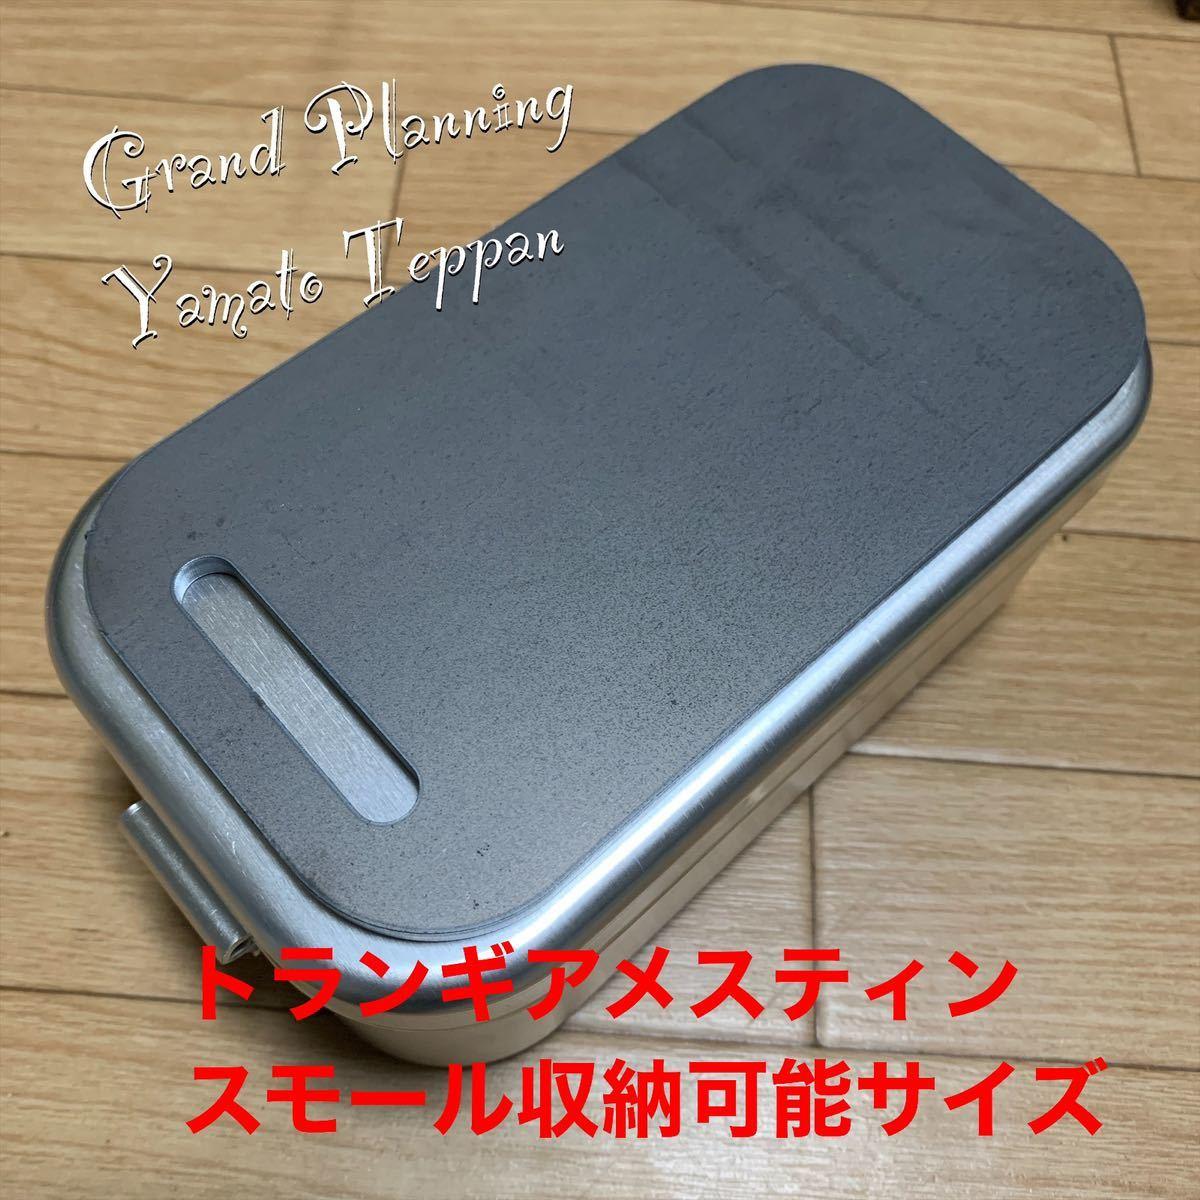 トランギア メスティン スモール 収納 6ミリ 鉄板 オリジナル取手金具 トング ヘラ ベルトループ収納袋グレー 大和鉄板